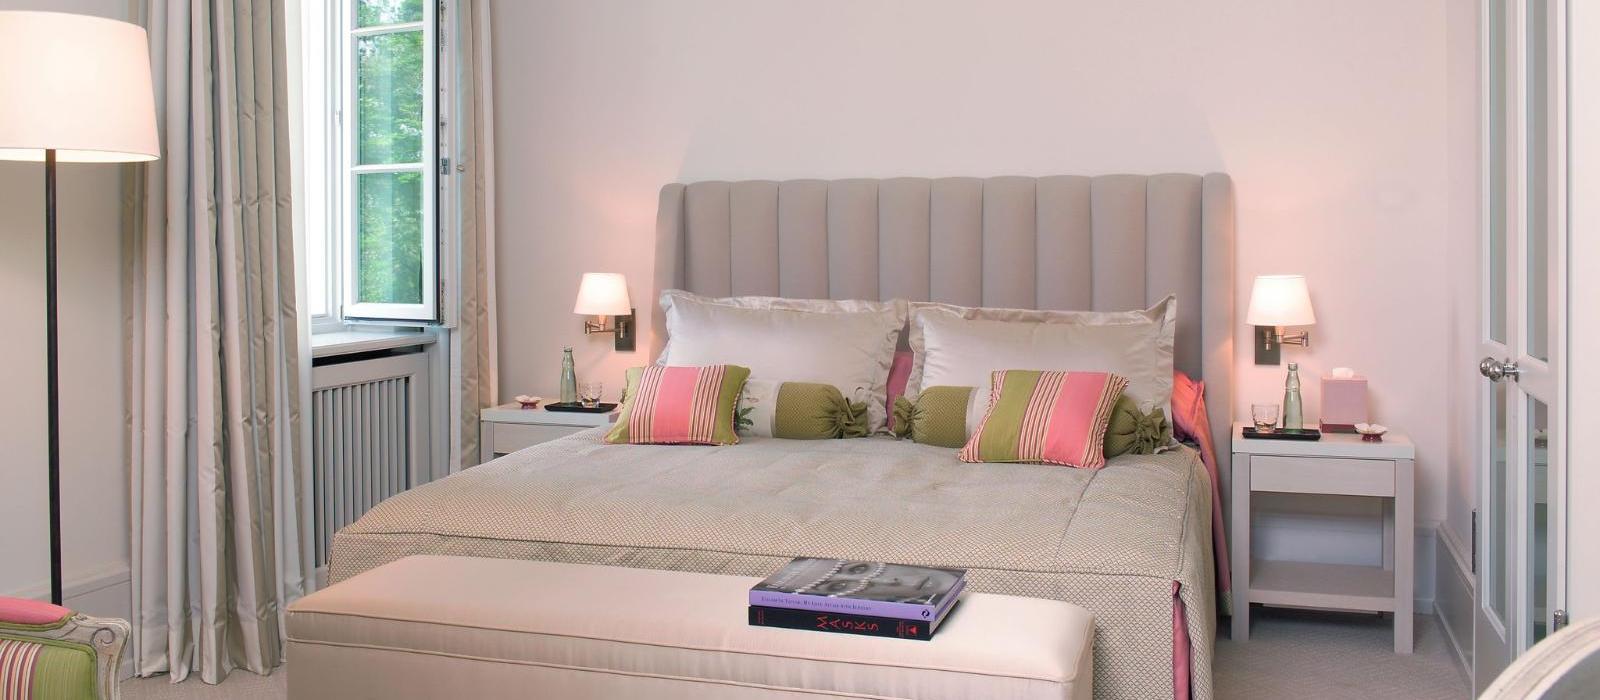 海利根达姆豪华酒店(Grand Hotel Heiligendamm) 图片  www.lhw.cn